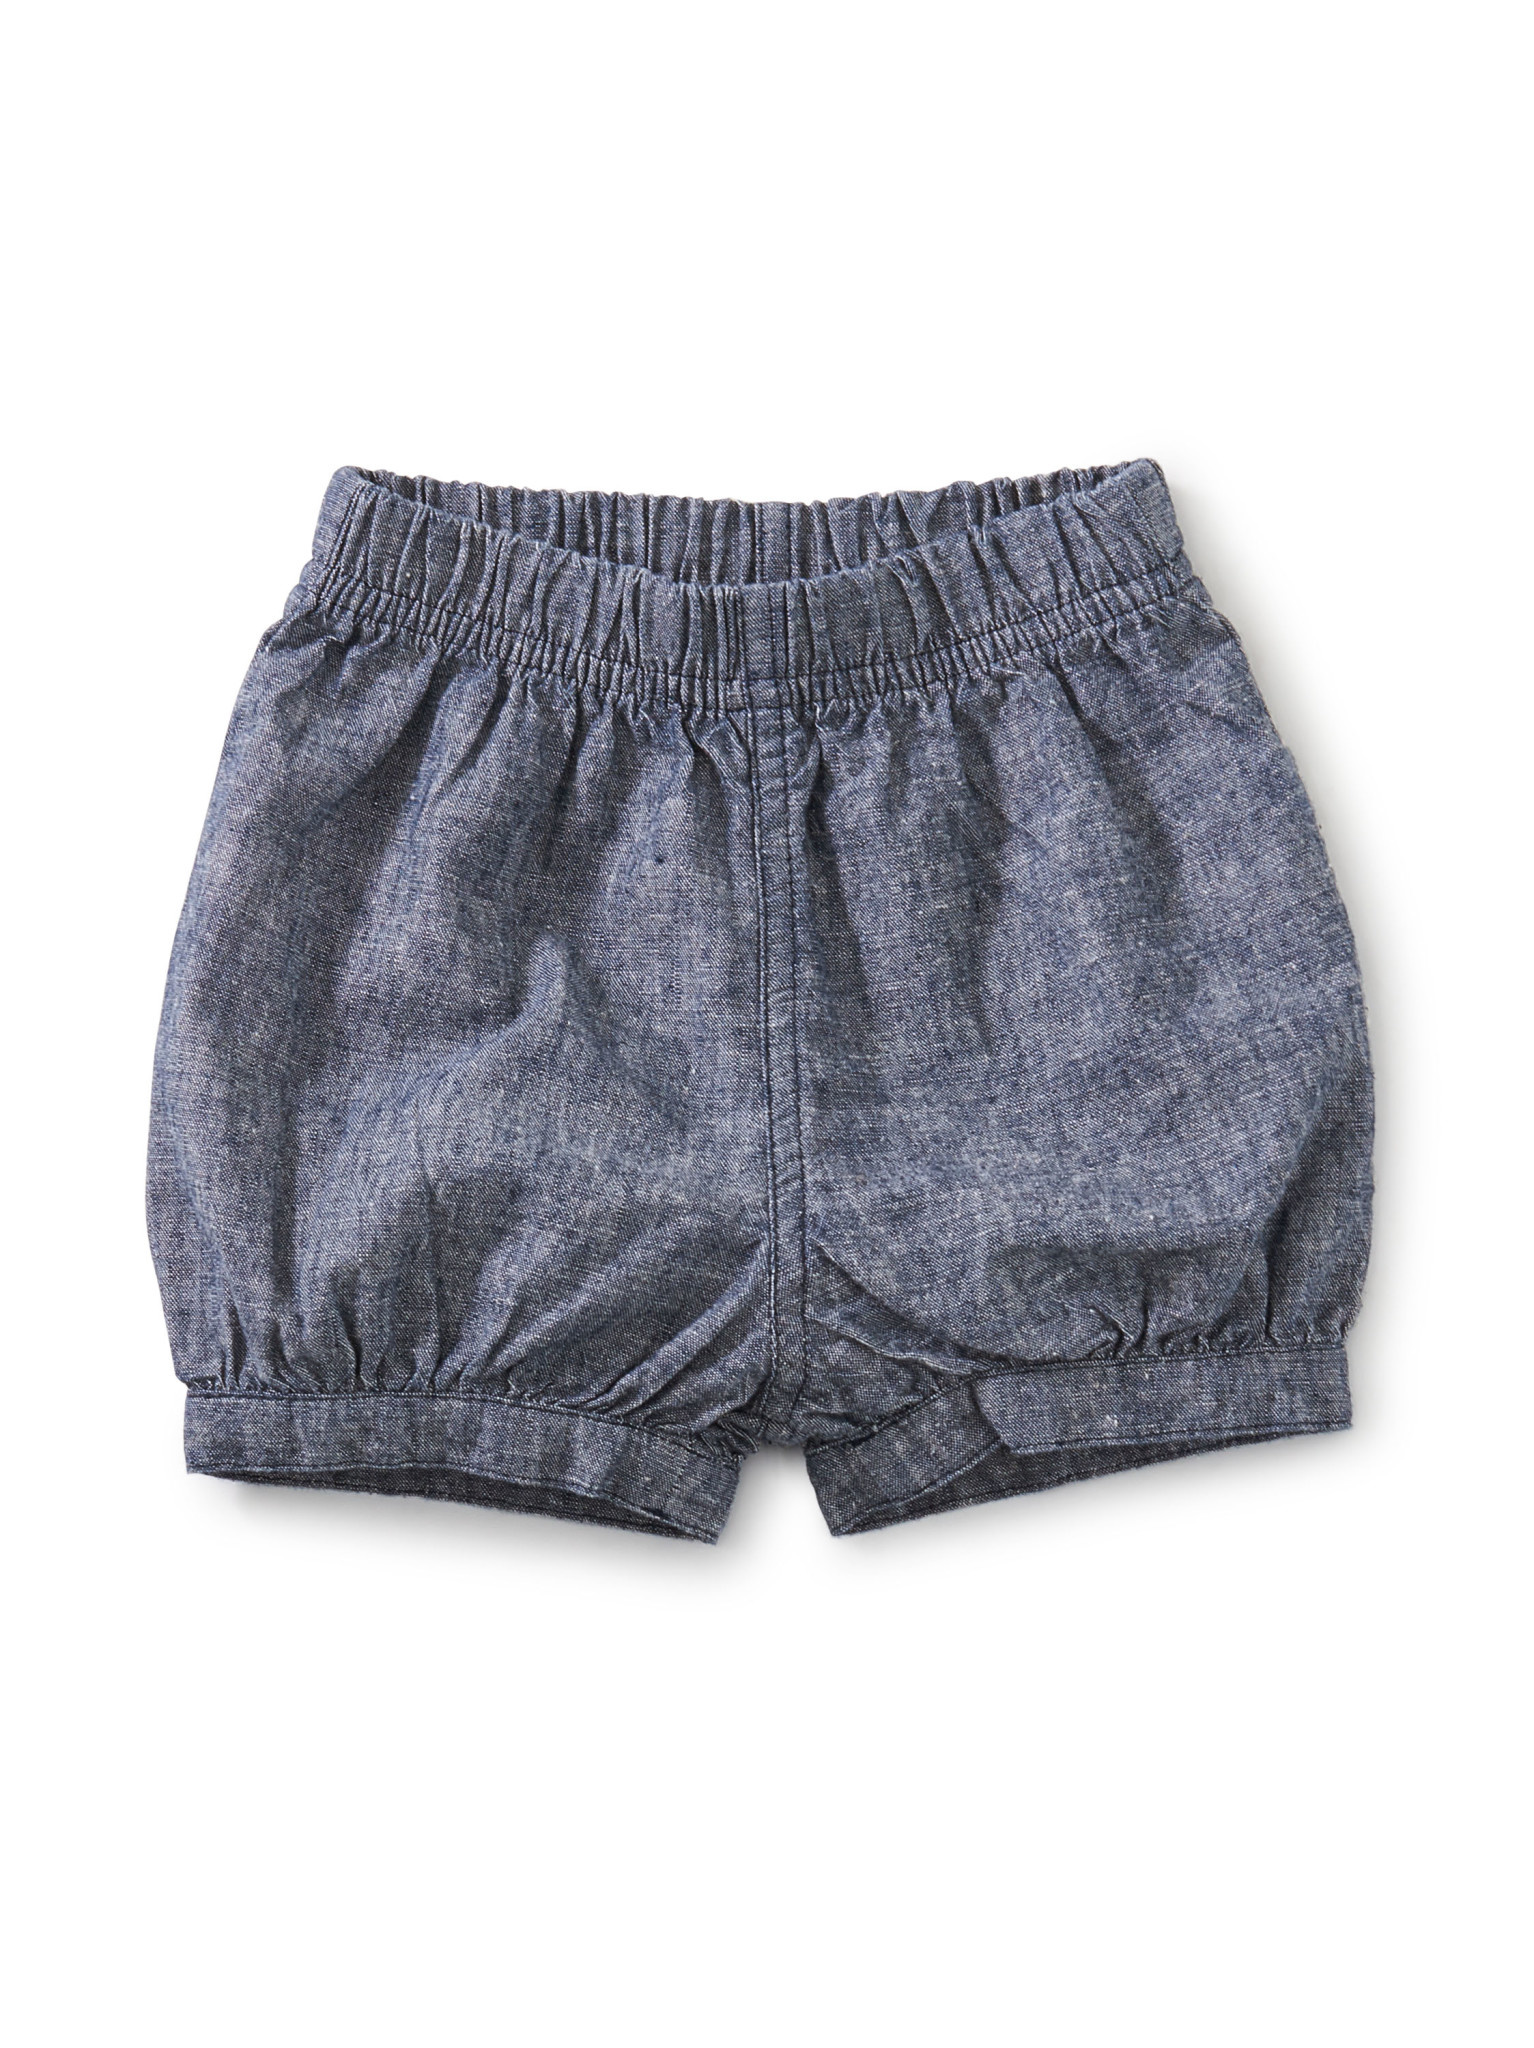 Tea Collection Bubble Baby Shorts- Indigo